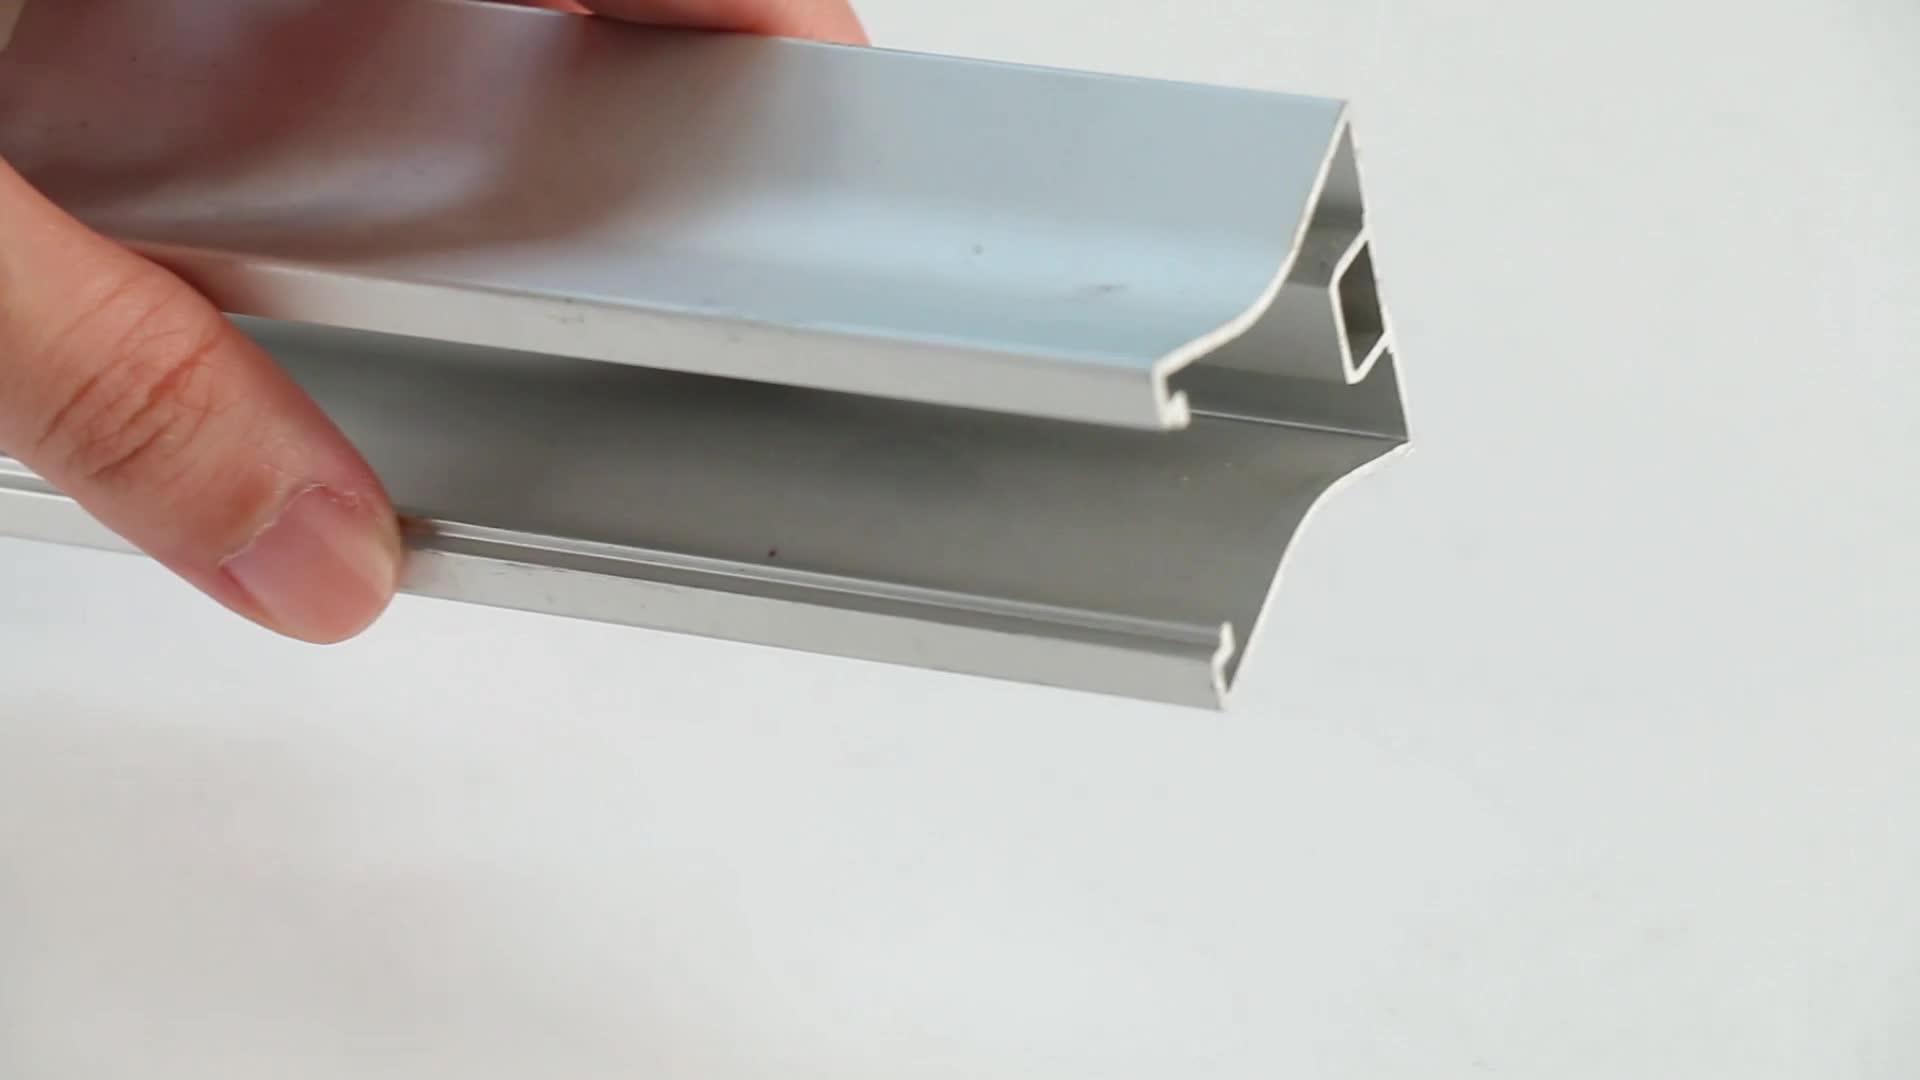 อลูมิเนียม 6063 T5,anodized อลูมิเนียมโปรไฟล์อุตสาหกรรมอลูมิเนียมโปรไฟล์